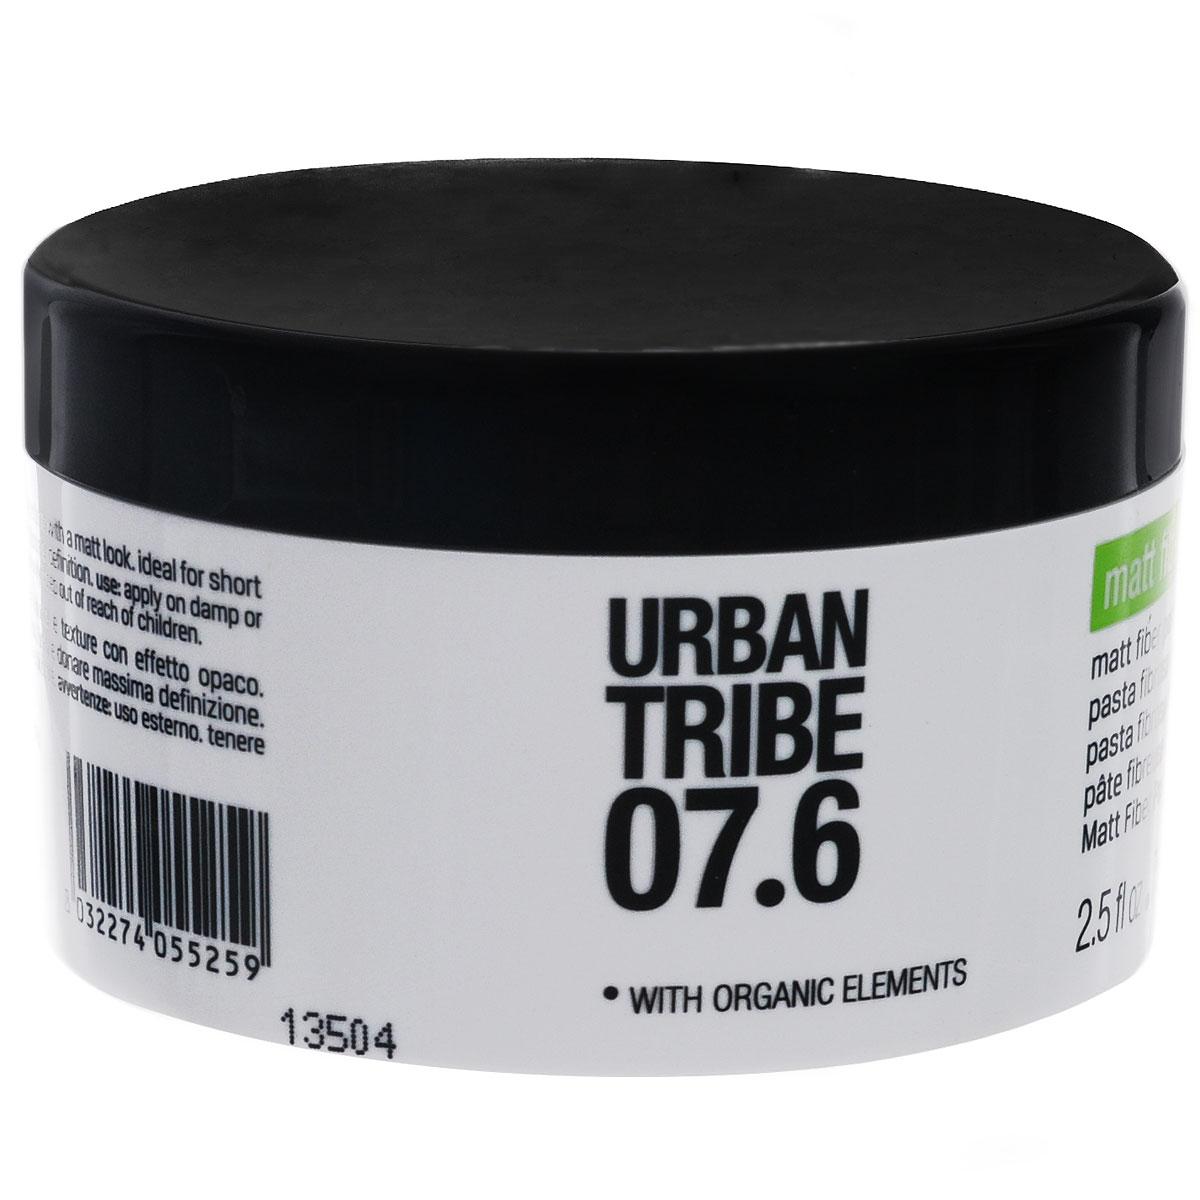 URBAN TRIBE Матирующая паста для придания объема 75 мл.Б33041_шампунь-барбарис и липа, скраб -черная смородинаМатирующая паста.Придает объем и текстуру, обеспечивает матовость.